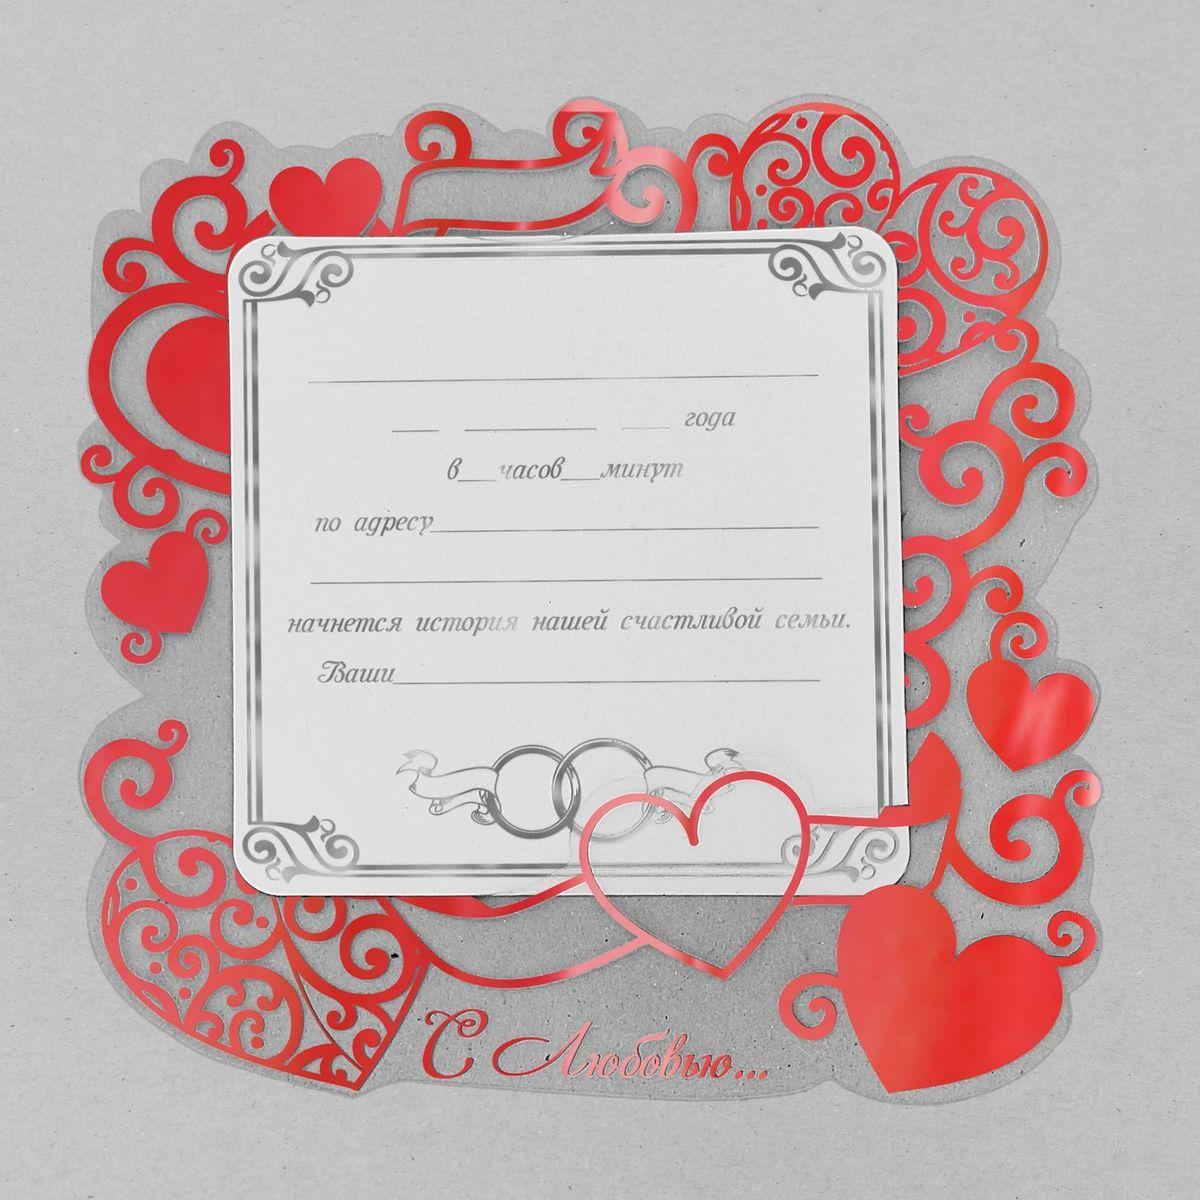 Свадебные приглашения Sima-land С Любовью..., 0,3 x 12,5 x 12,5 см161209Когда дата и время бракосочетания уже известны, и вы определились со списком гостей, необходимо оповестить их о предстоящей свадьбе. Существует традиция делать персональные приглашения с указанием времени и даты мероприятия. Но перед свадьбой столько всего надо успеть и делать десятки открыток самостоятельно просто не остается времени. В этом случае вам придет на помощь уникальное, разработанное дизайнерами свадебные приглашения С Любовью.... Пригласительный набор включает в себя: - оригинальную открытку в дизайнерской рамке из прозрачного пластика, нежный рисунок которой будет достойным началом вашего тожества, - белоснежный конверт, который можно оформить интересными надписями и декоративными элементами. Текст приглашения напечатан металлизированной краской, которая гармонирует с оригинальным орнаментом на рамке приглашения. Дизайнеры продумали за вас все детали, все, что вам необходимо сделать, – заполнить необходимые строки и раздать гостям....